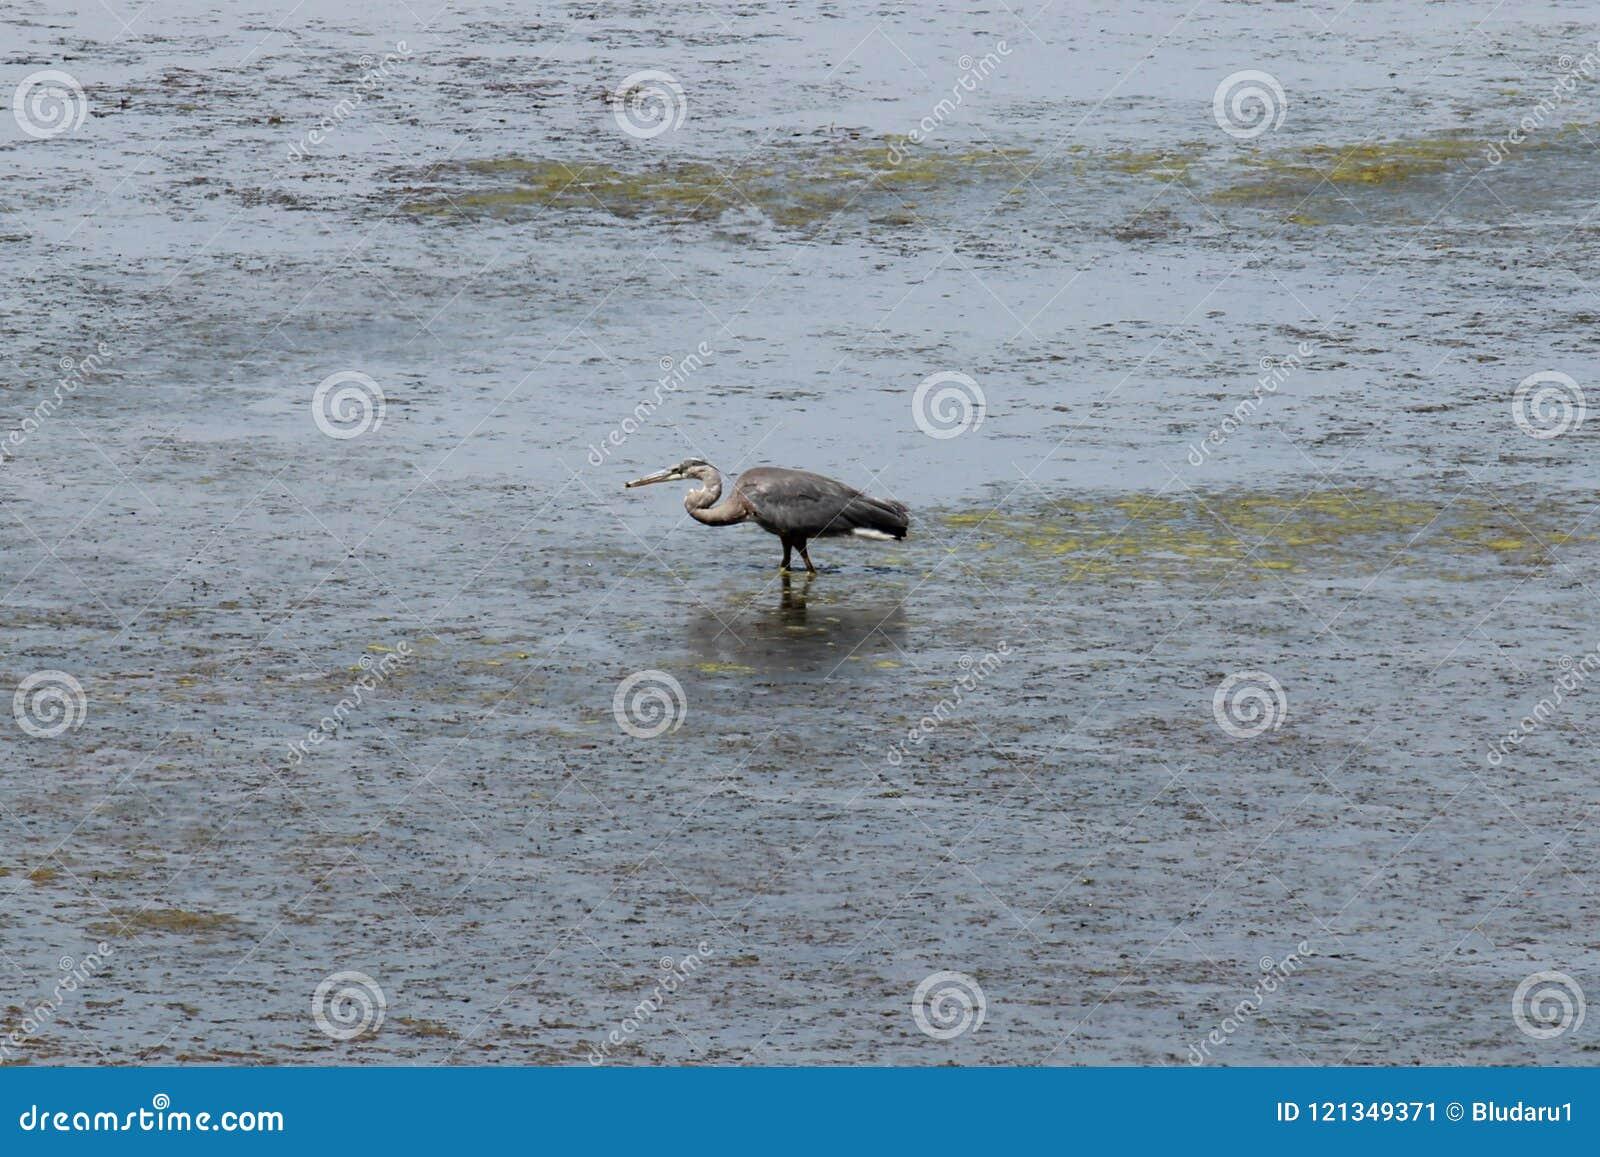 Crane Feeding In Water